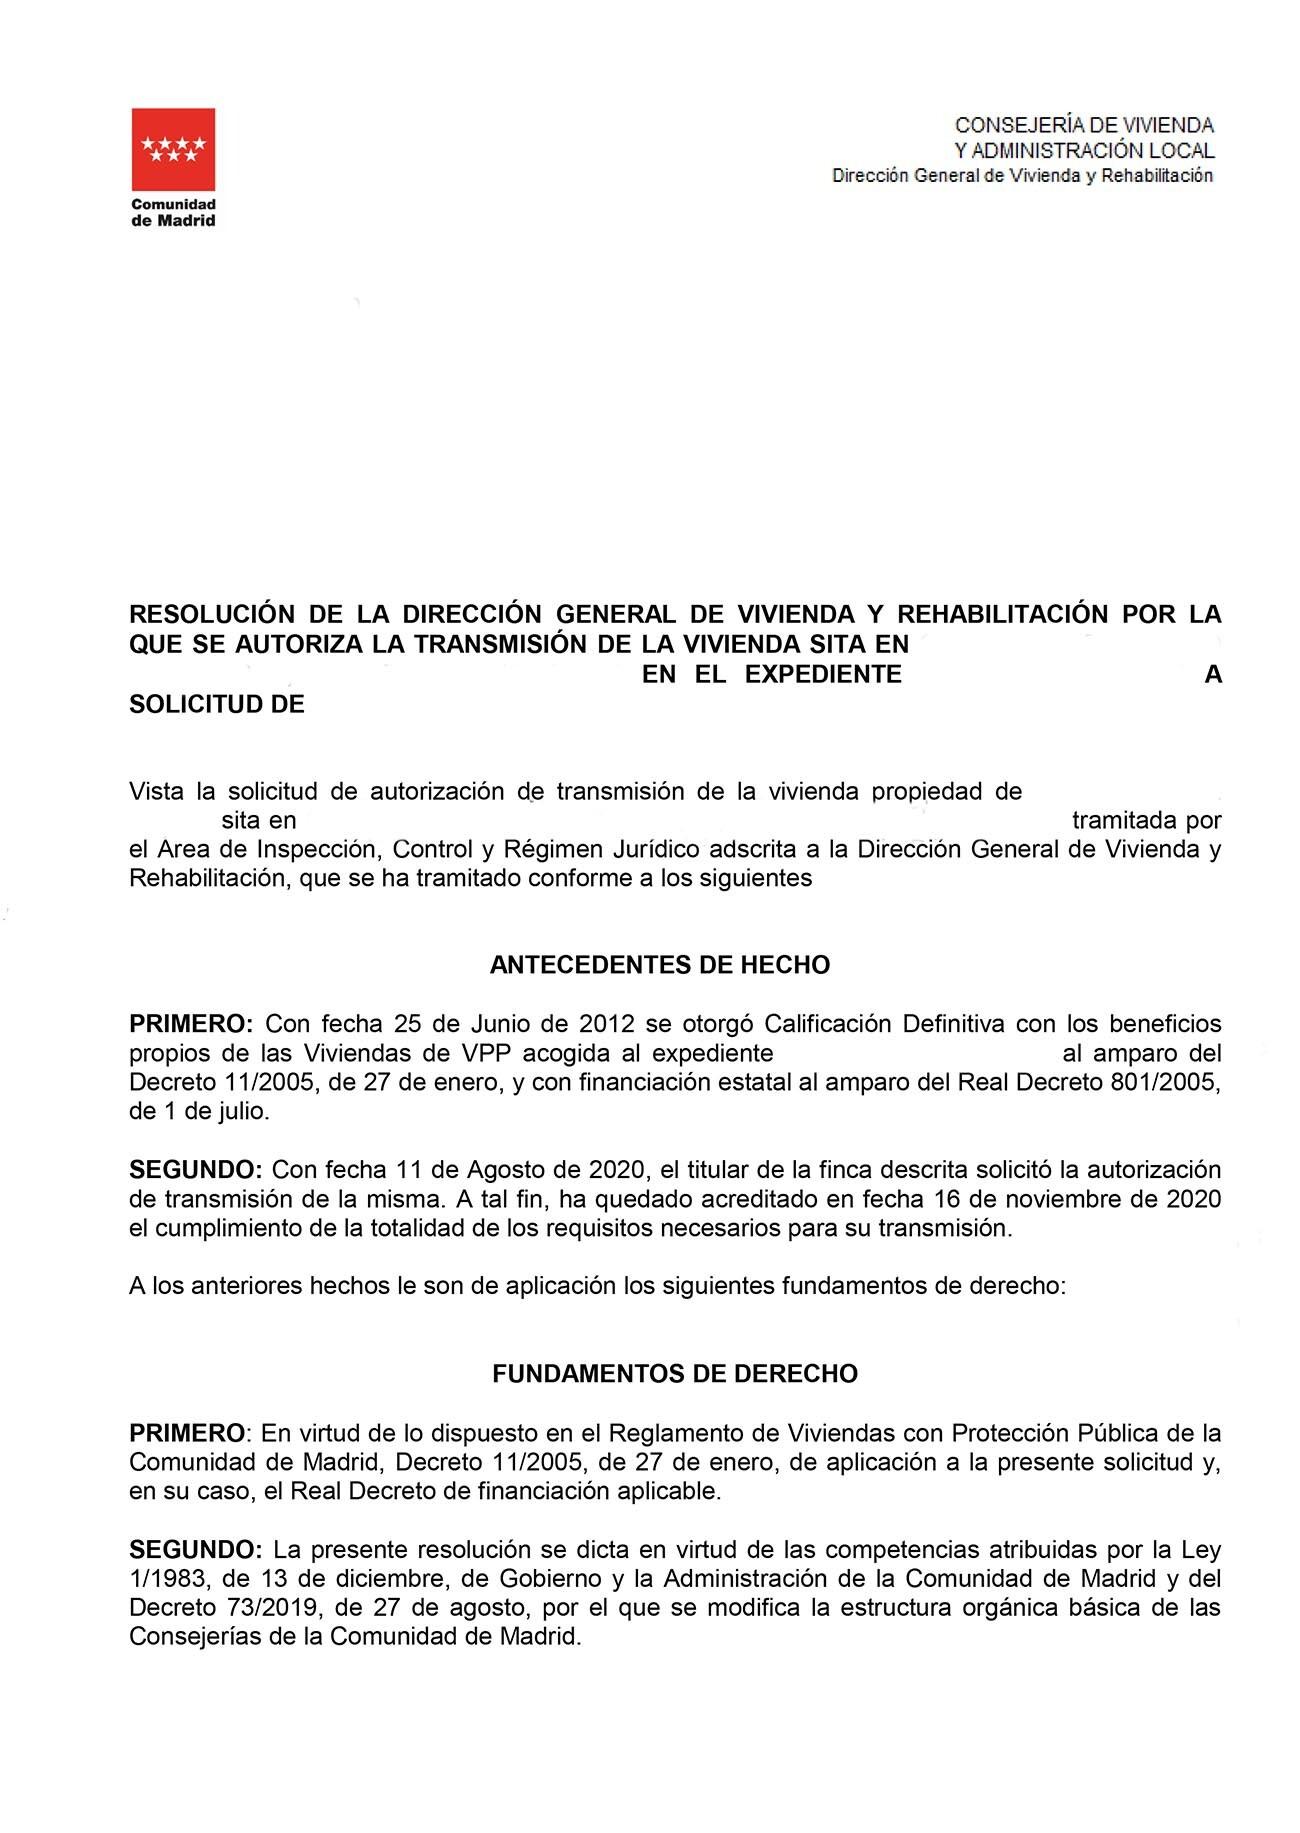 Contestación autorización de venta VPO 801/2005